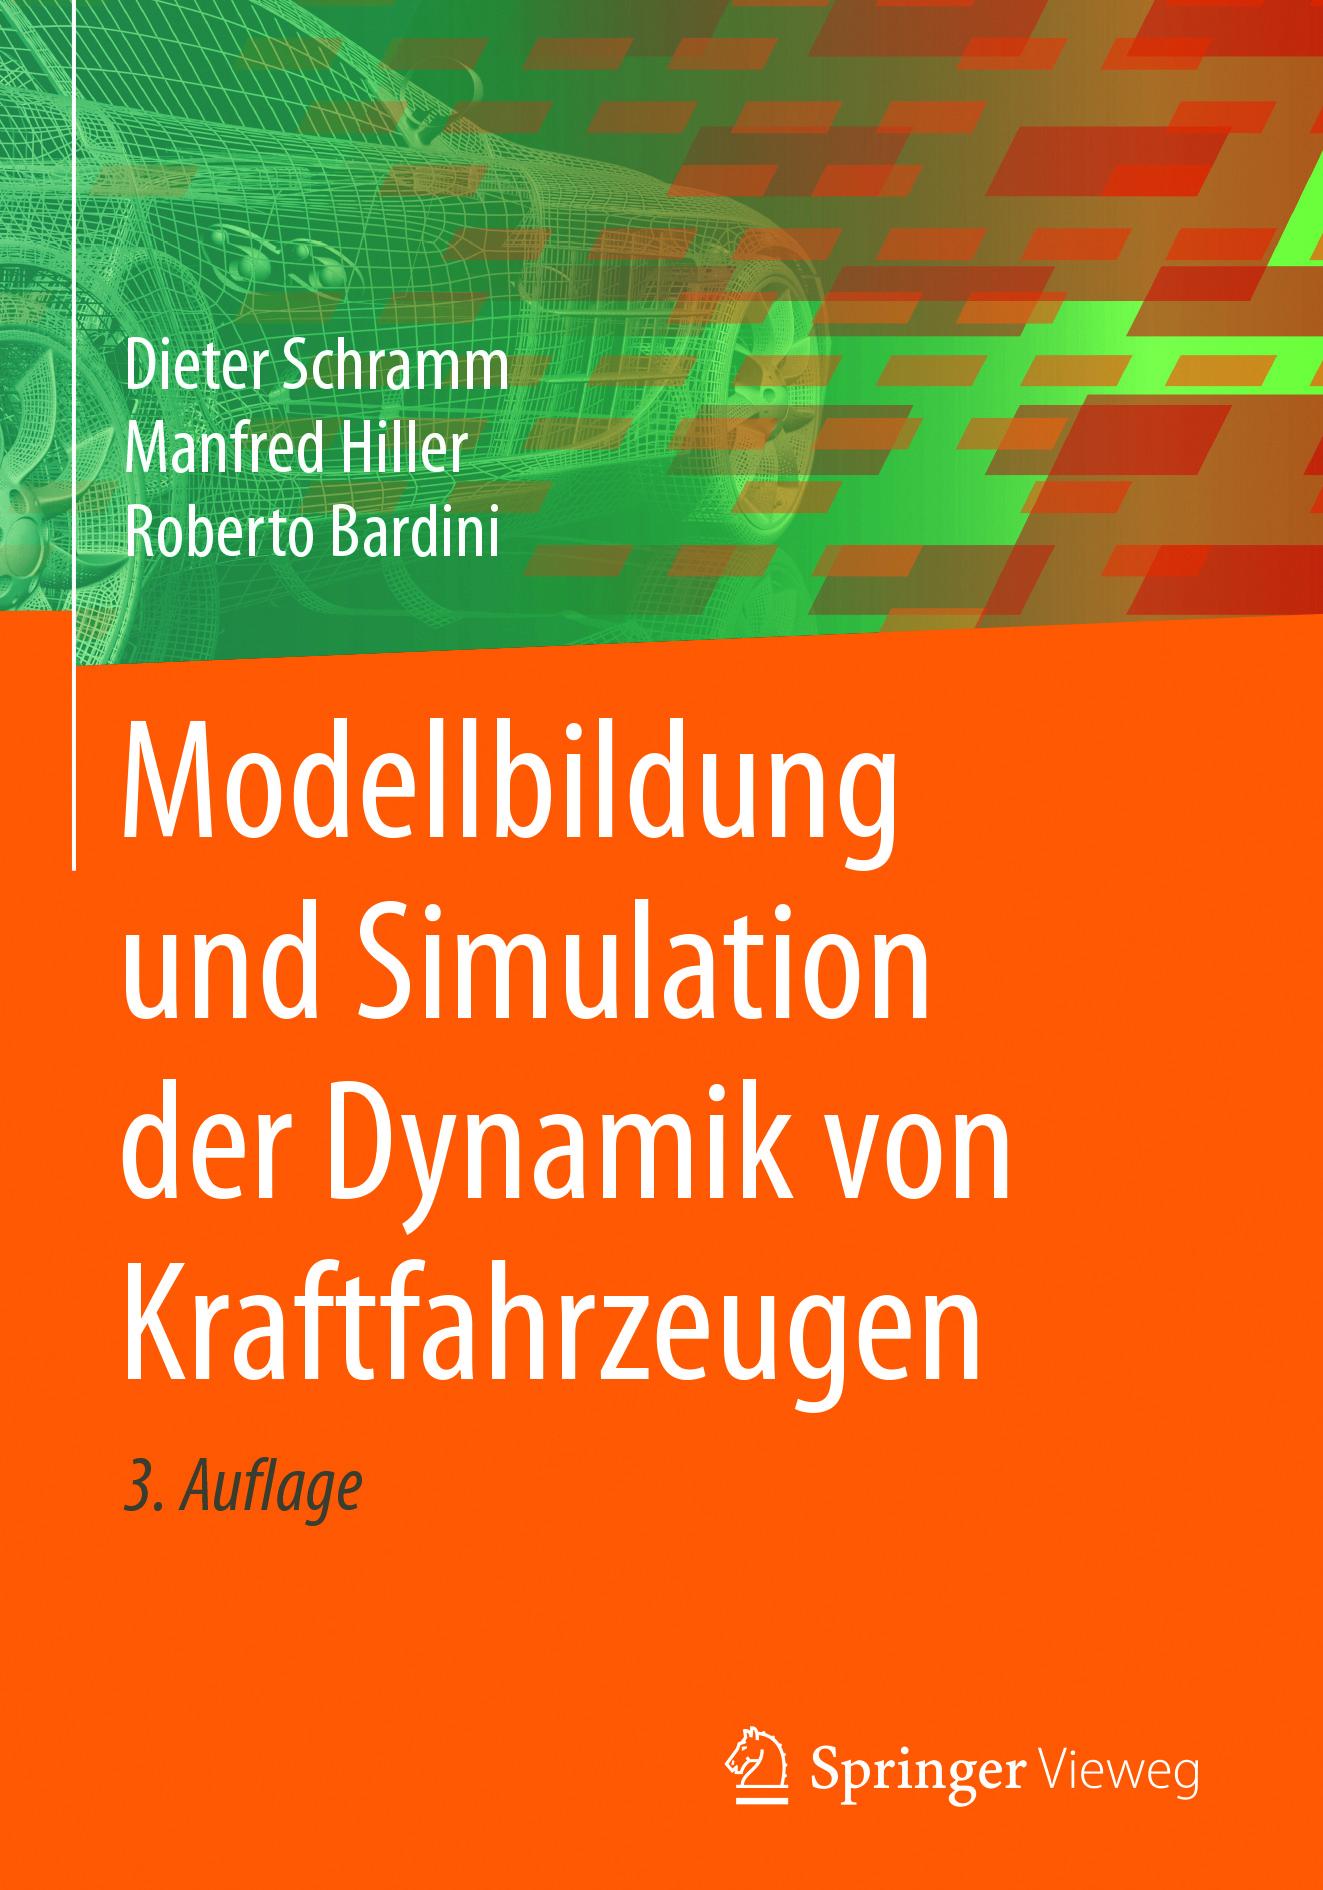 Bardini, Roberto - Modellbildung und Simulation der Dynamik von Kraftfahrzeugen, ebook